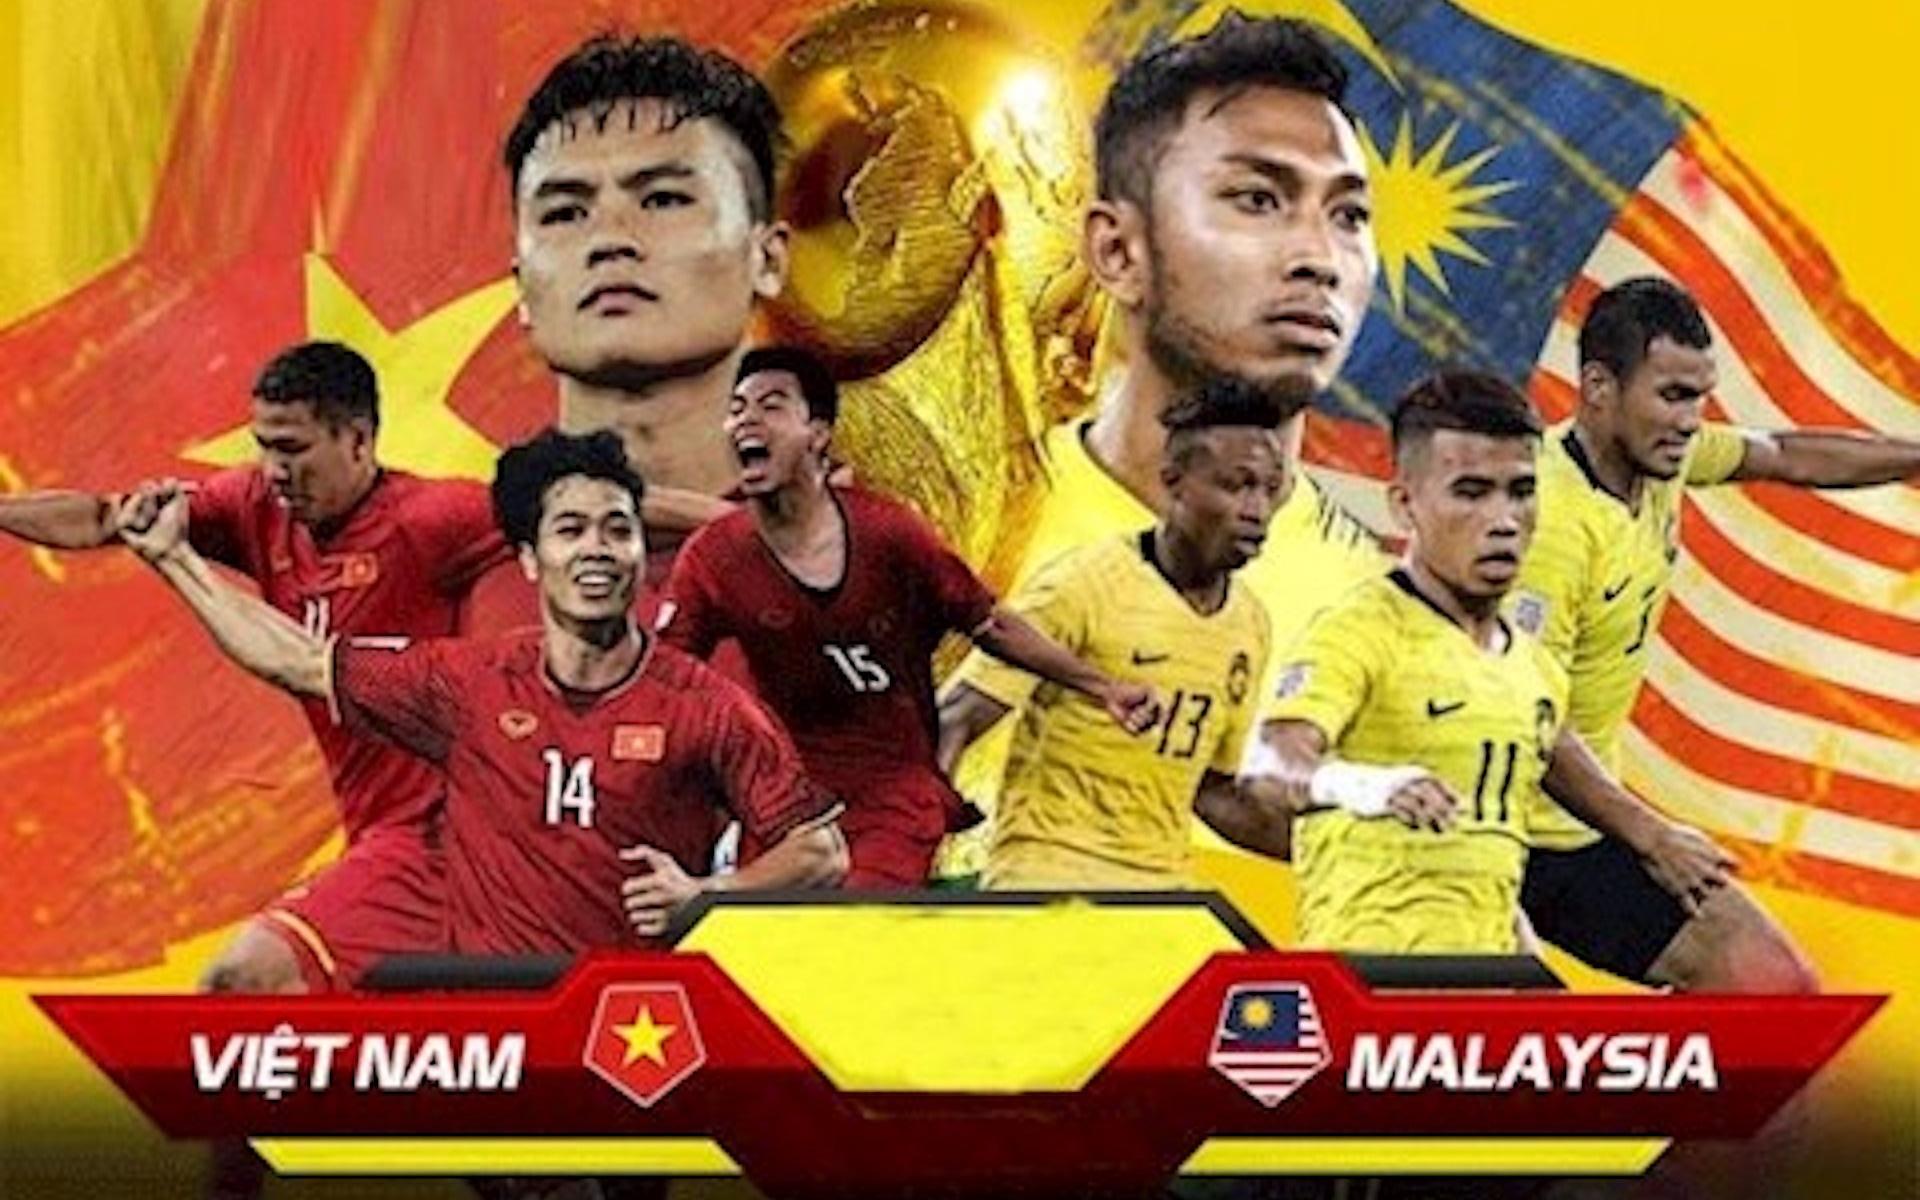 Lịch trực tiếp bóng đá và link xem trực tiếp hôm nay: Xem Việt Nam đấu Malaysia trên kênh nào?